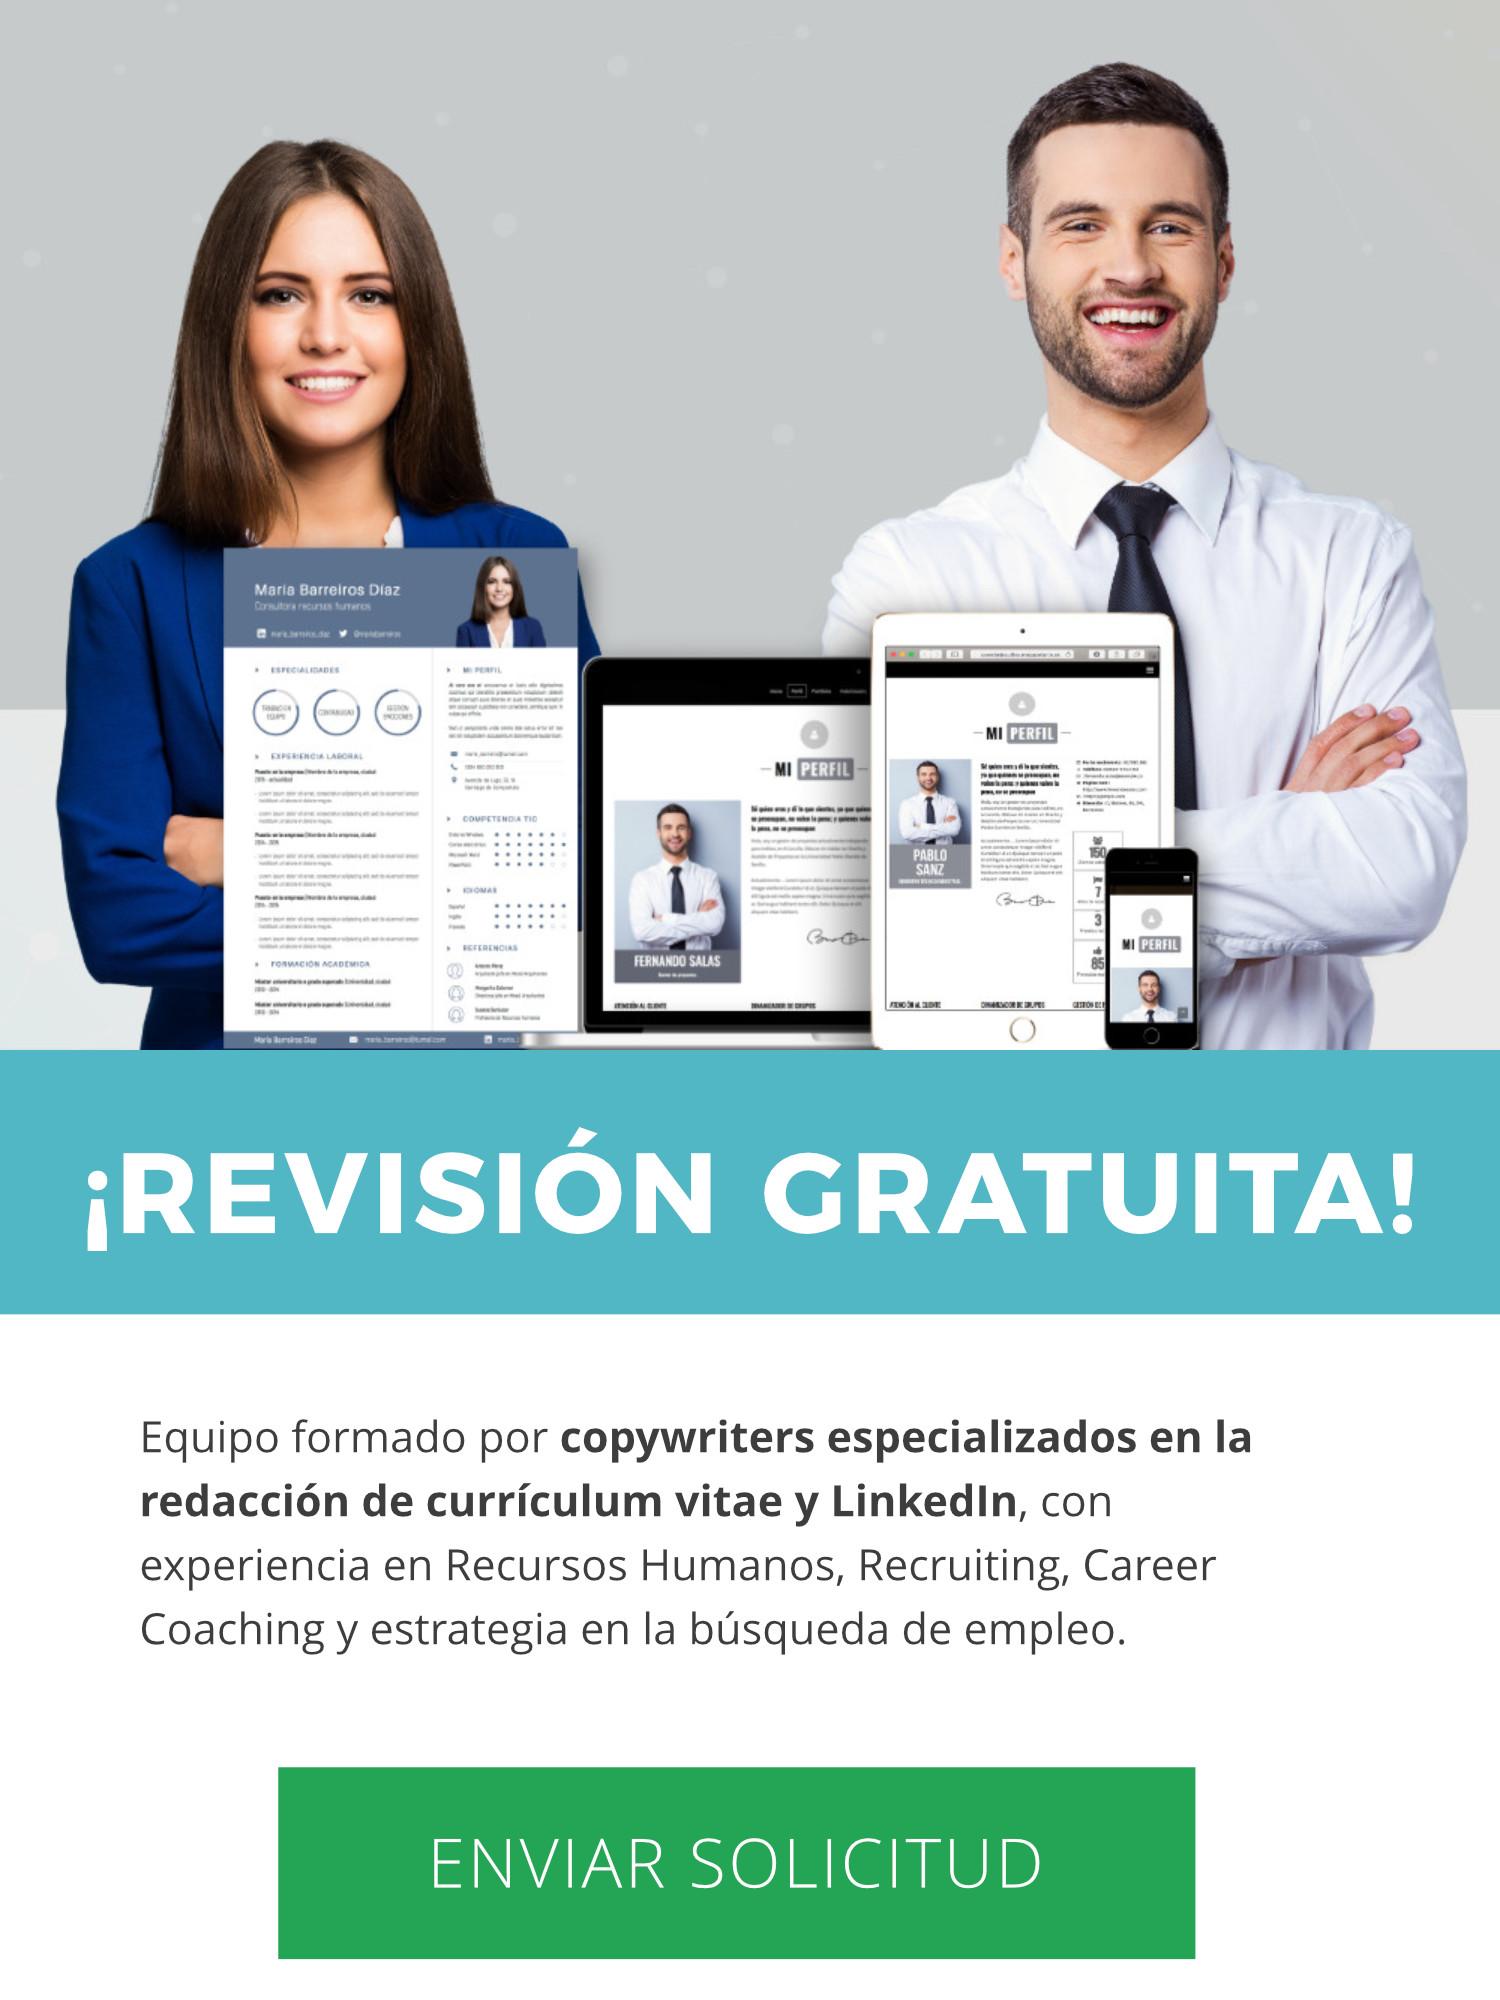 Revisión gratuita de Currículum